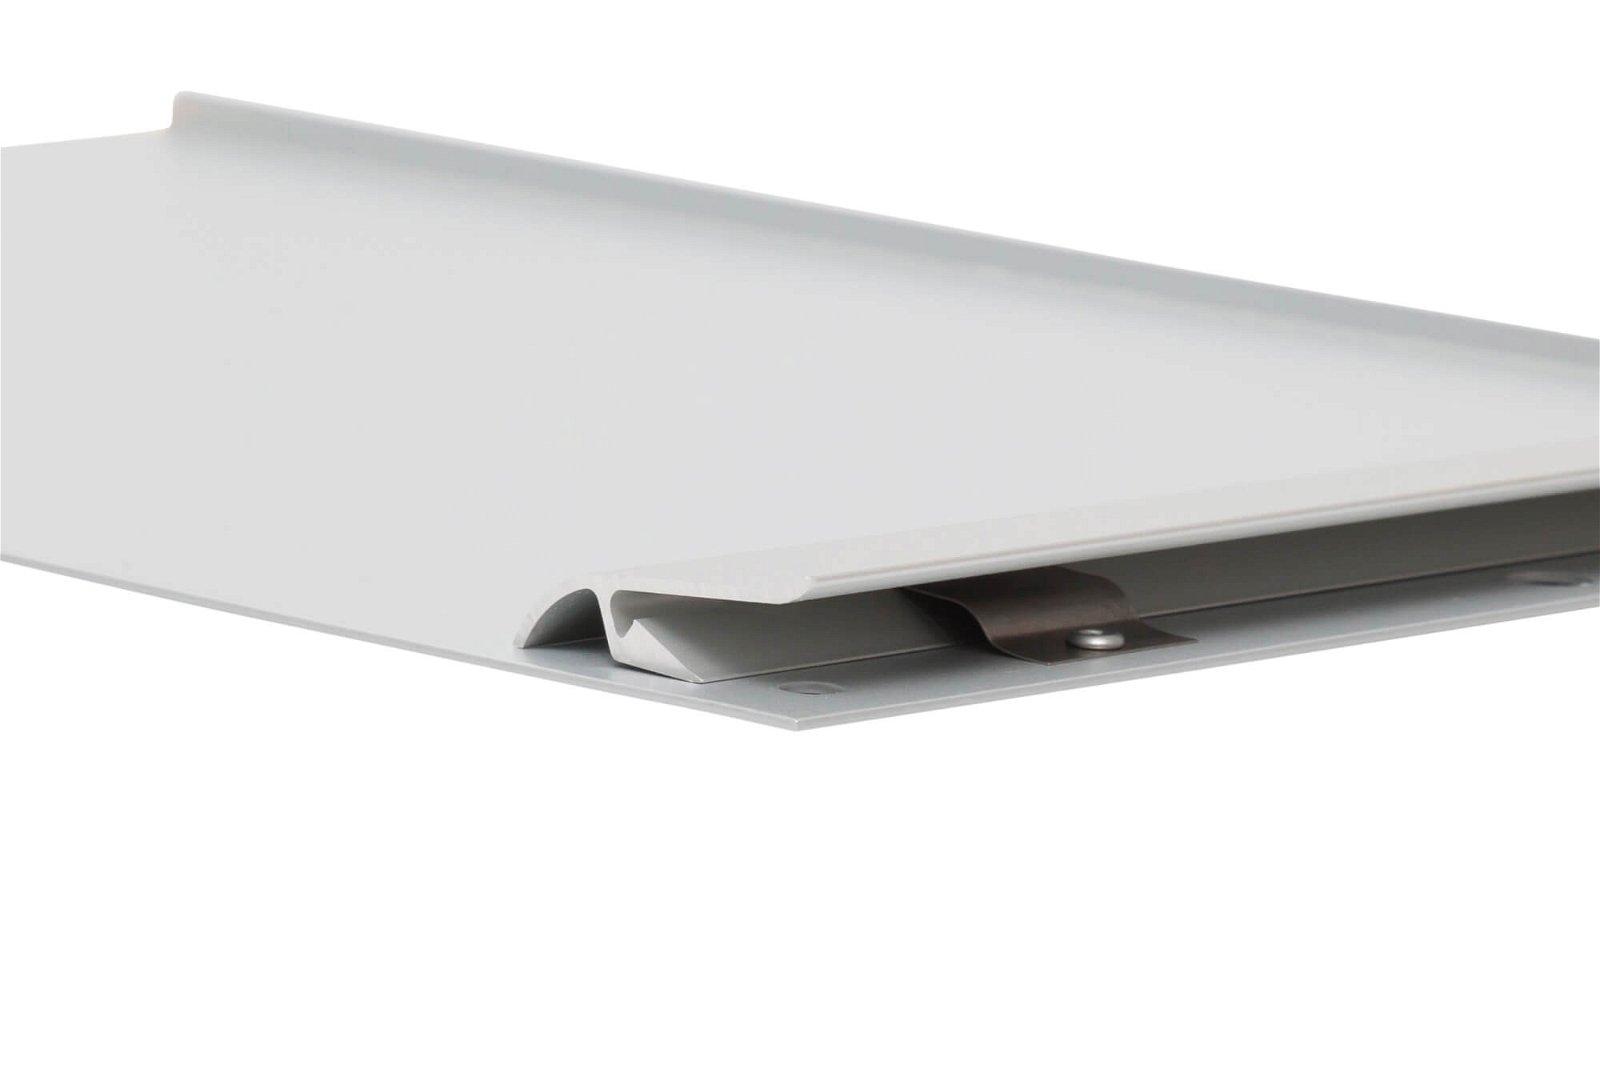 Schreibplatte, Aluminium mit Anschlagkante